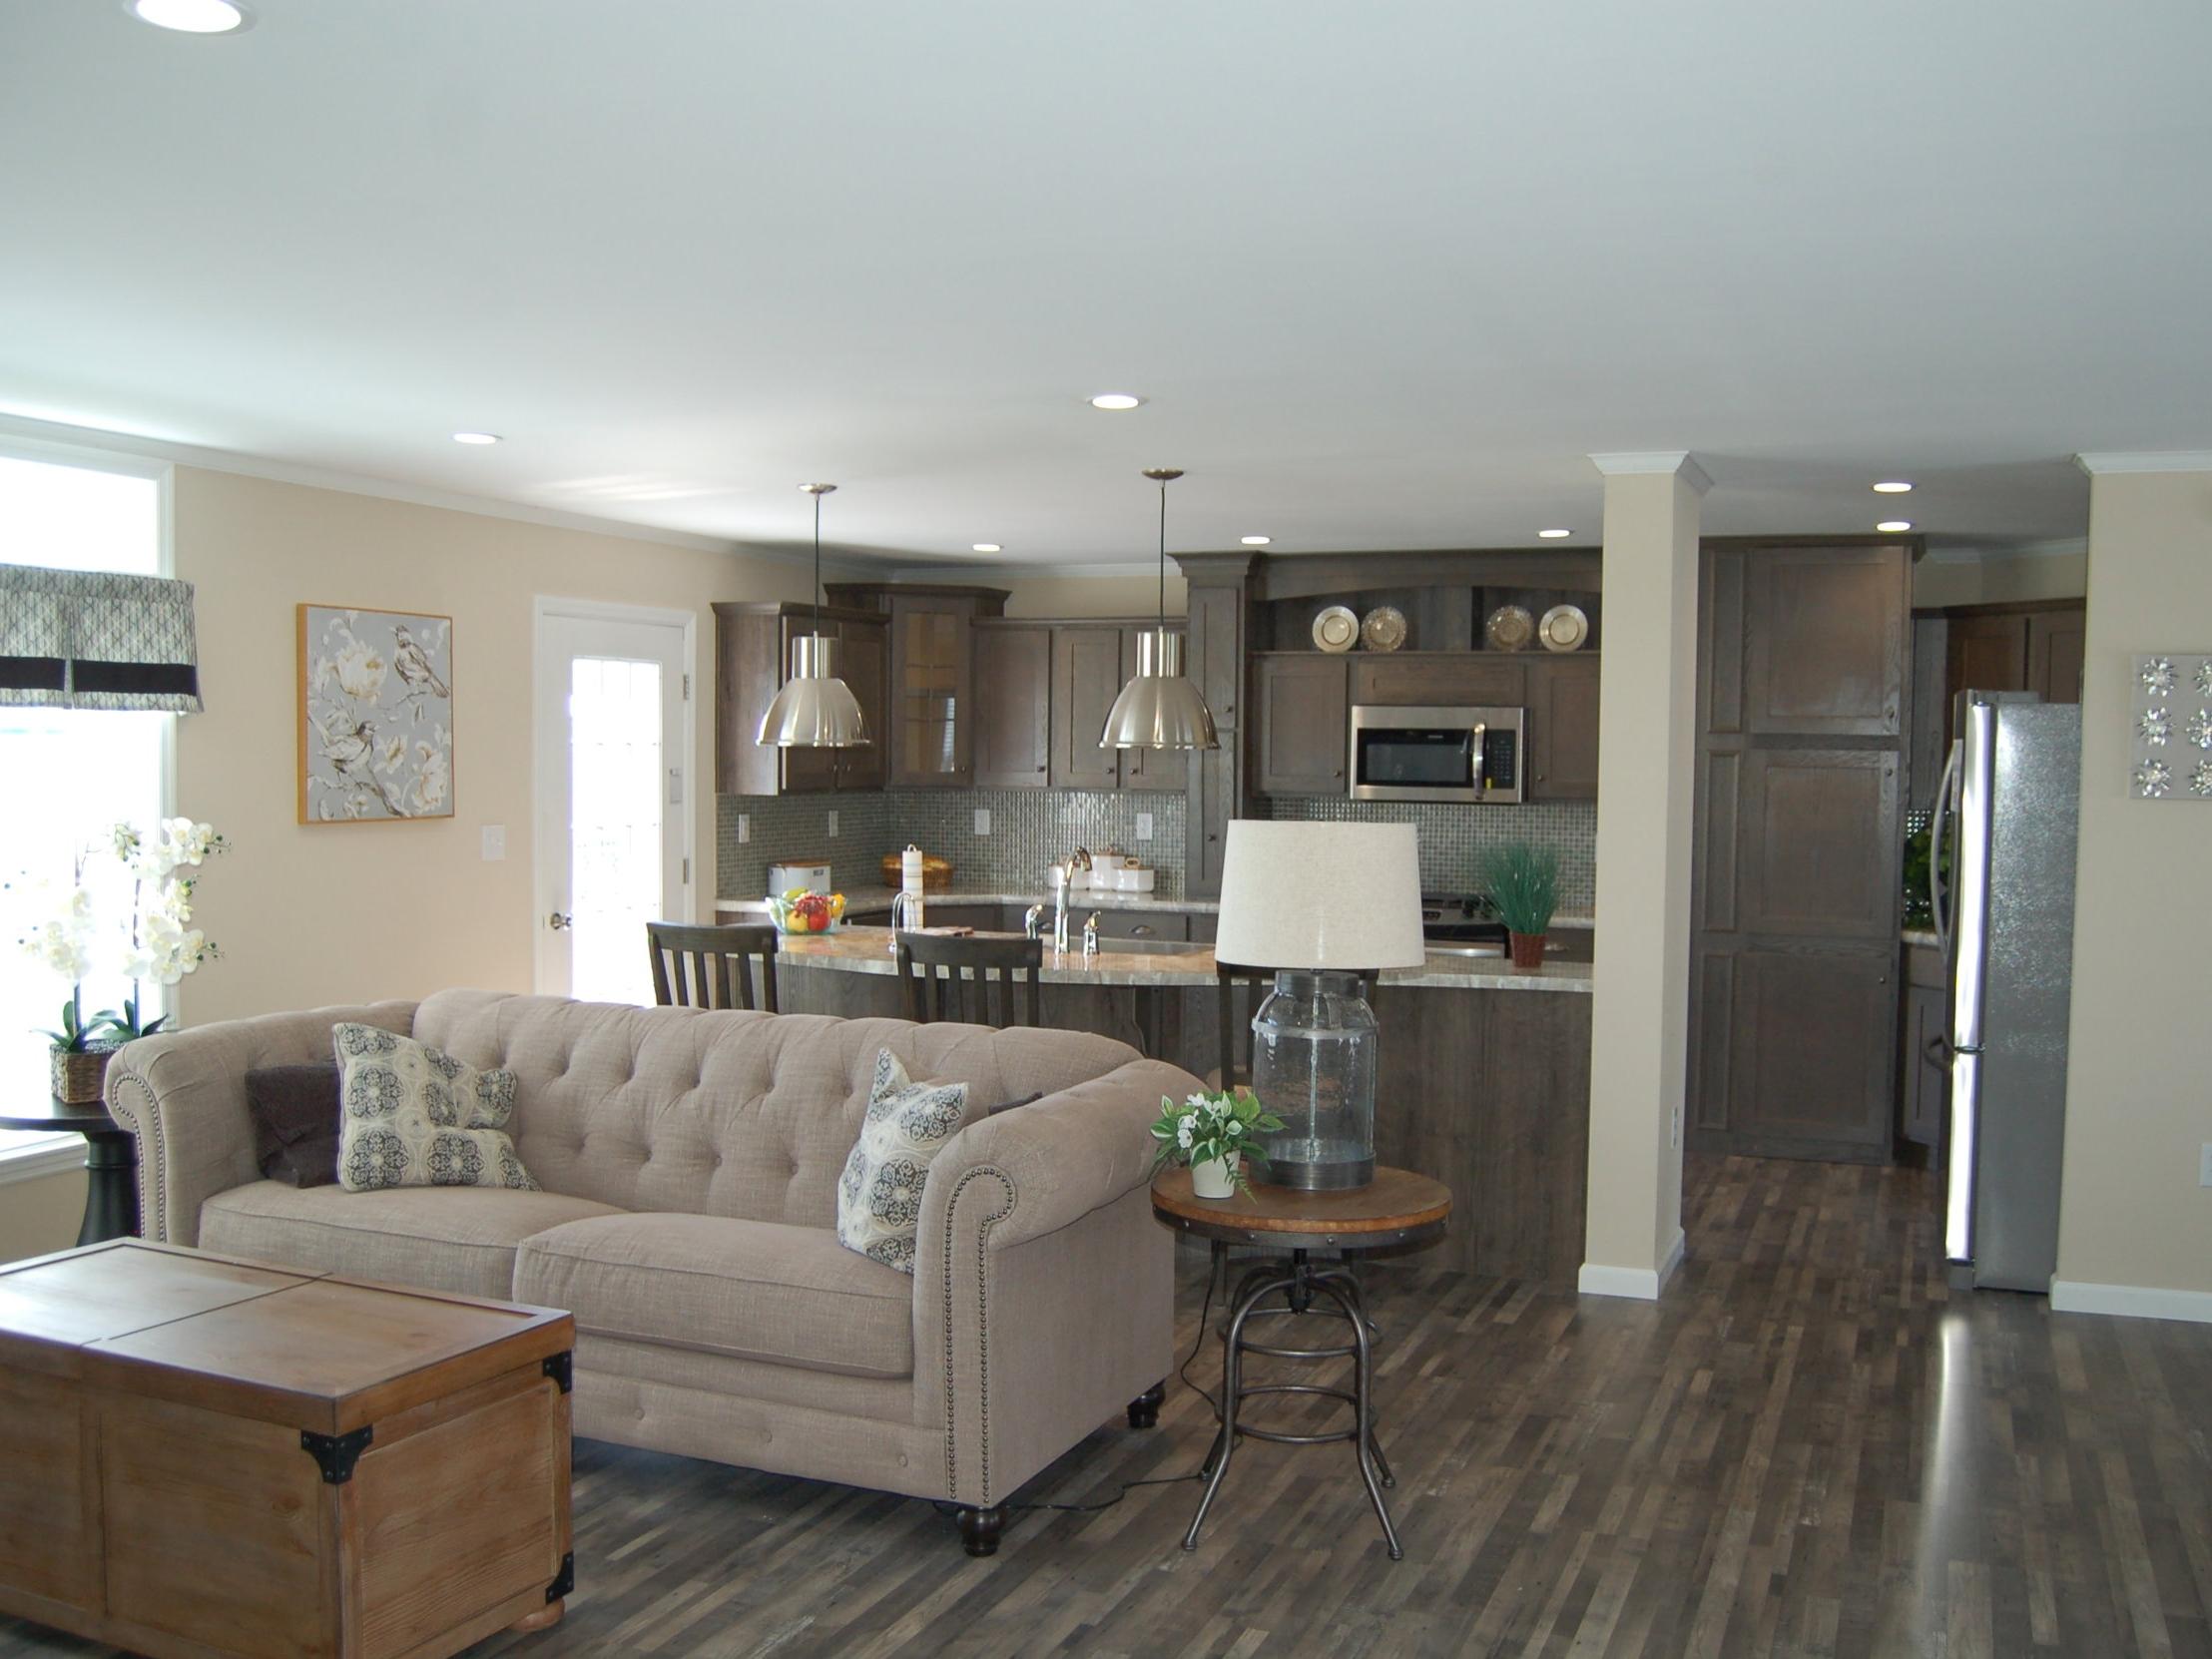 Model Homes -